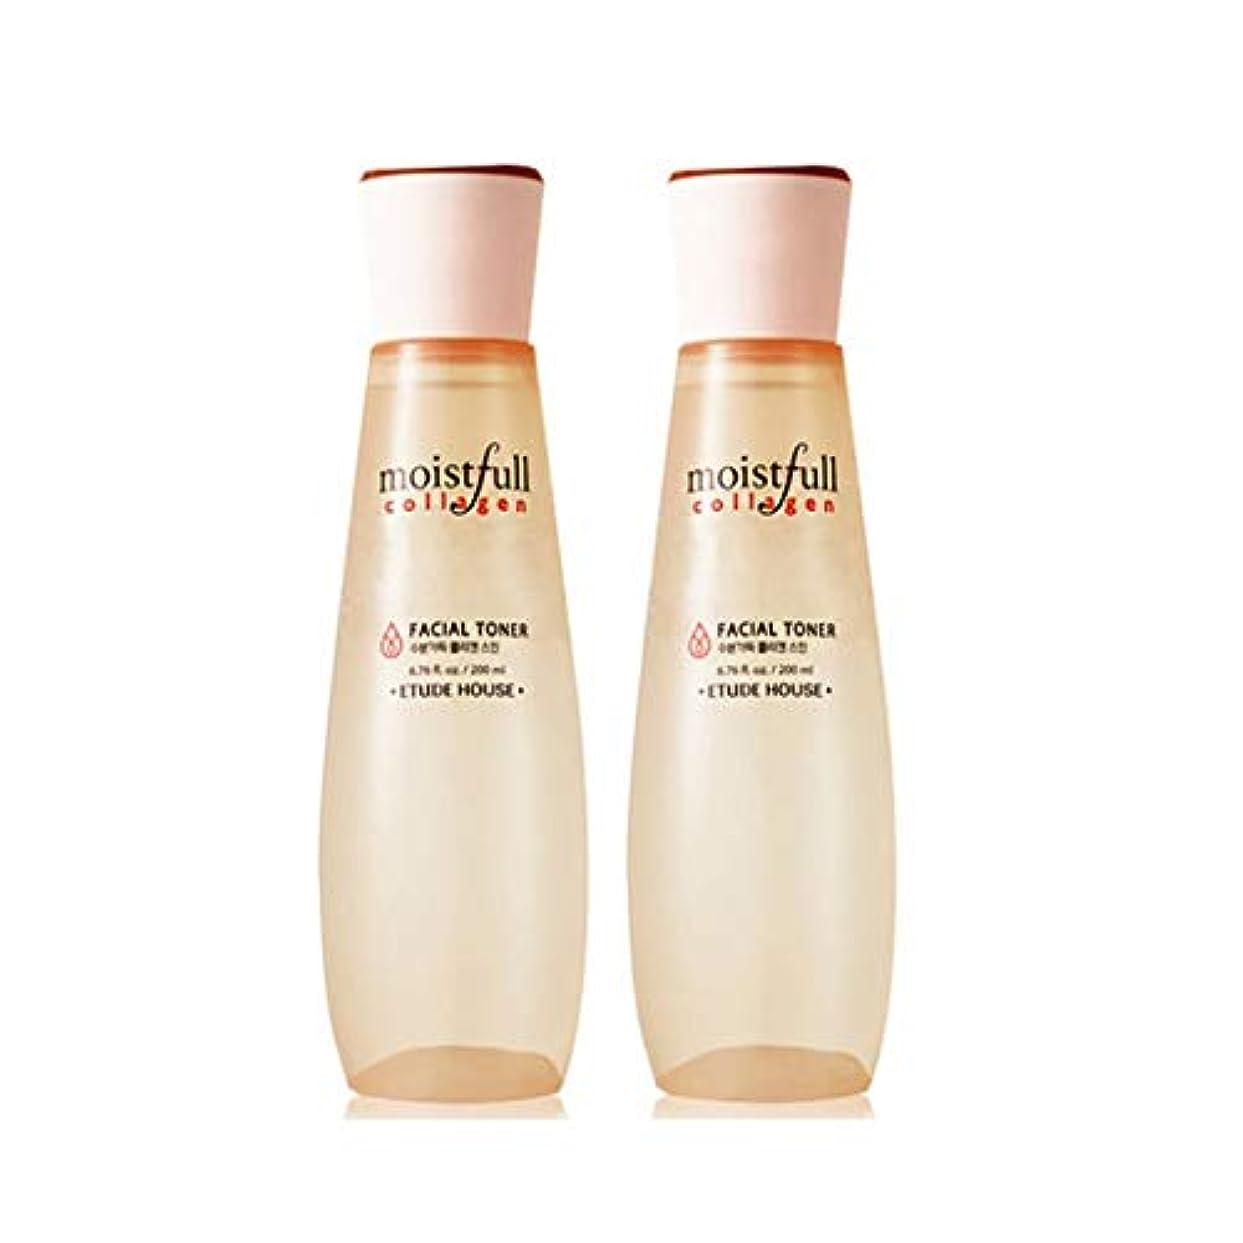 暴行祈るひねりエチュードハウス水分いっぱいコラーゲンスキン200ml x 2本セット韓国コスメ、Etude House Moistfull Collagen Skin 200ml x 2ea Set Korean Cosmetics...